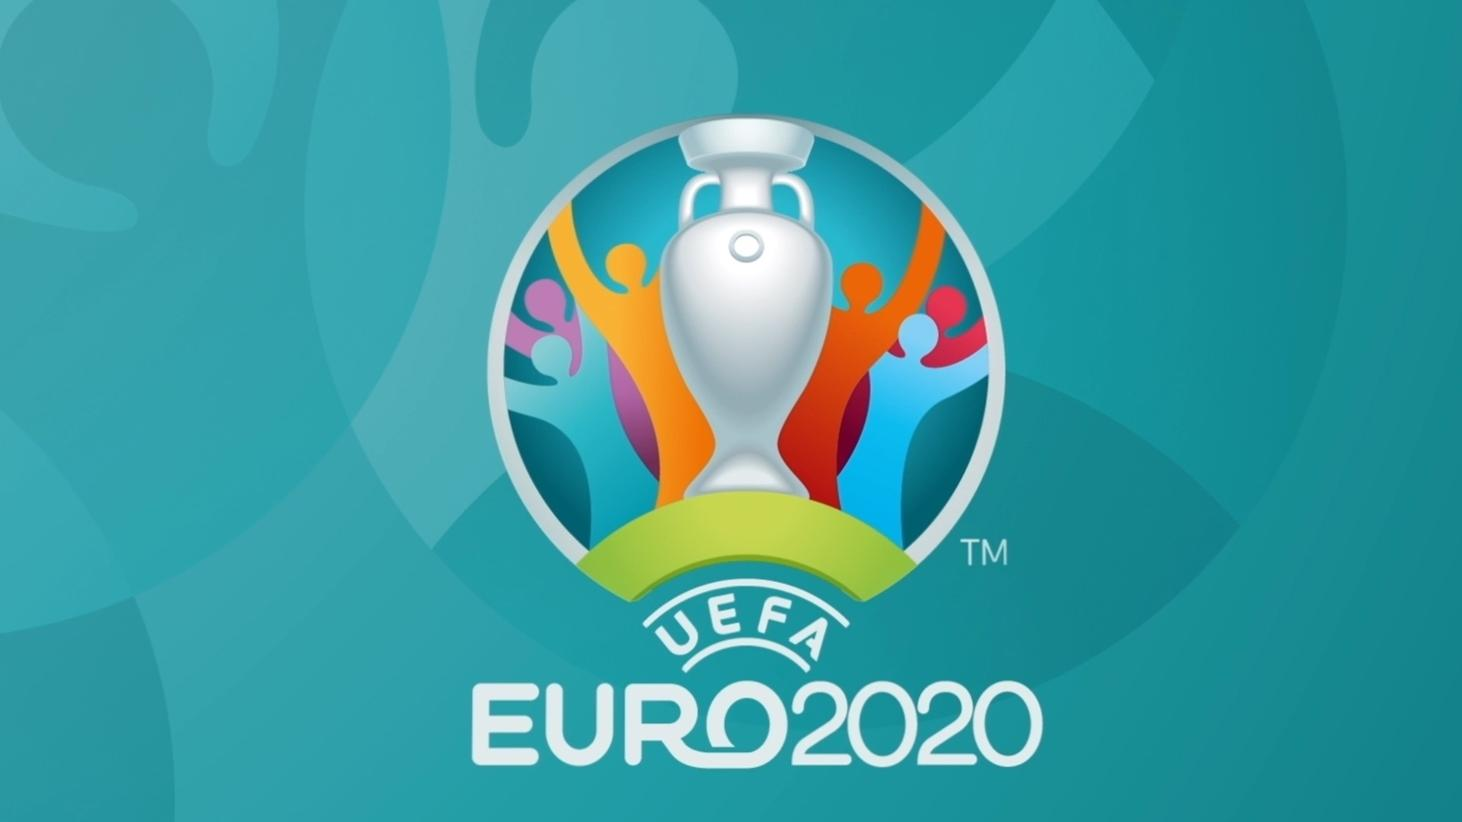 Tyrkiet og Frankrig videre til EM efter 0-0